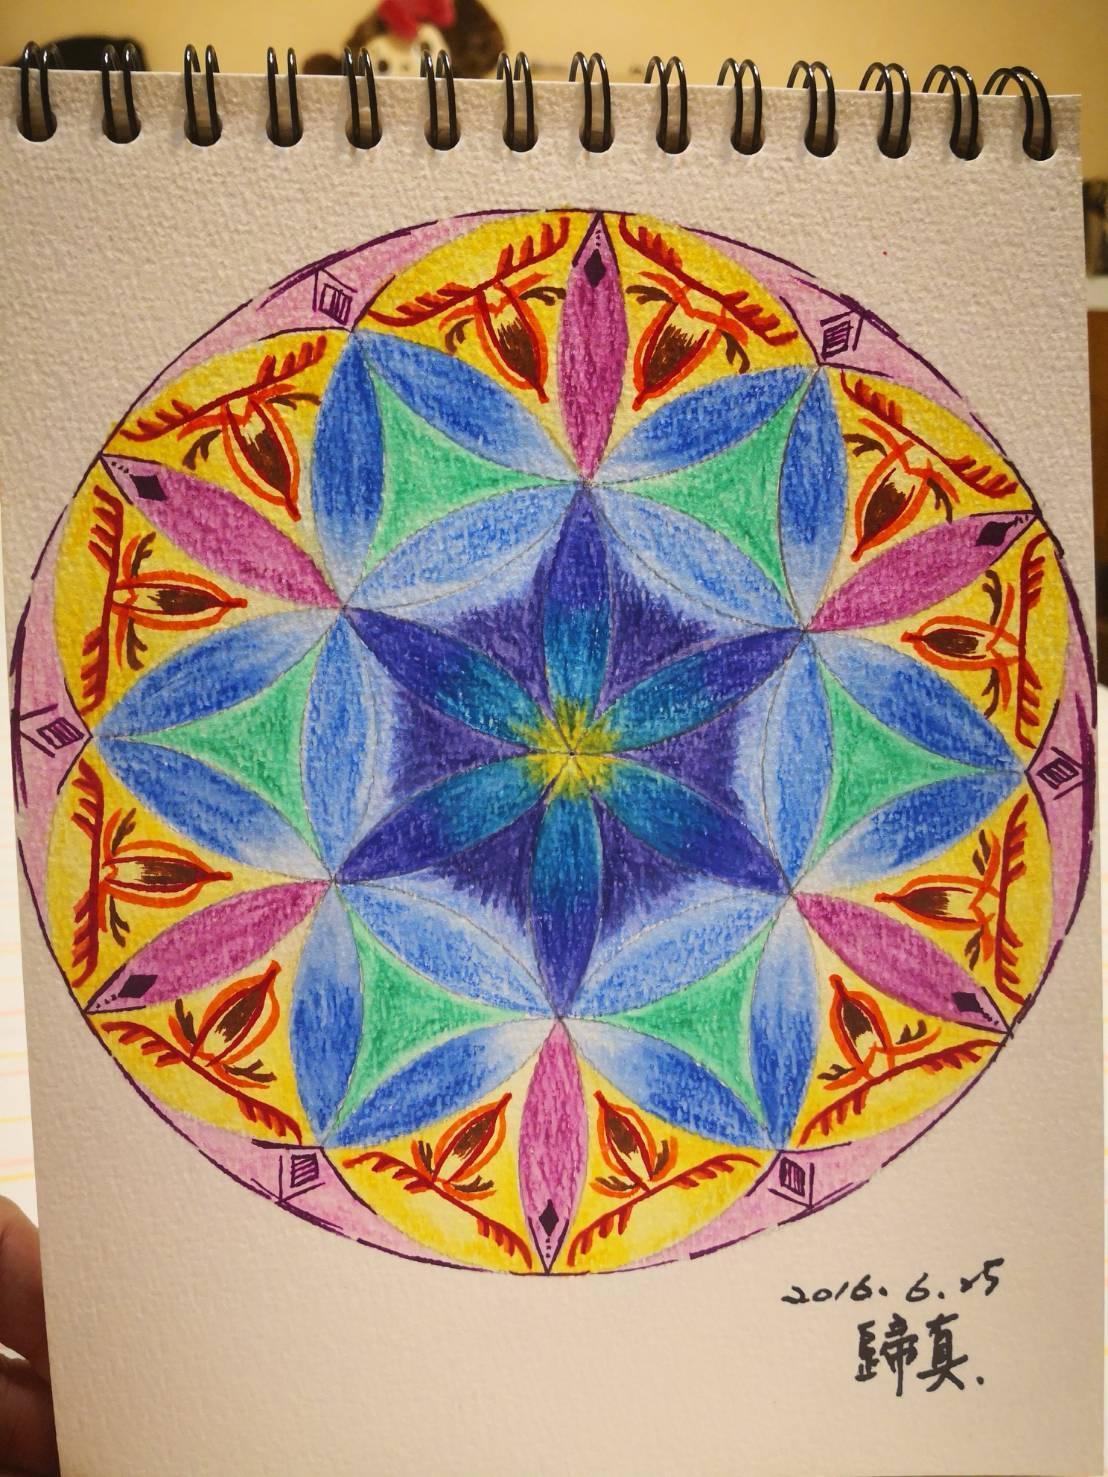 一位影響陳郁卉很深的英國穆斯林客人近年辭世,她為紀念他畫下「生命之花」,題為「歸真」,盼他回歸阿拉懷抱得以安息。(金元福提供)